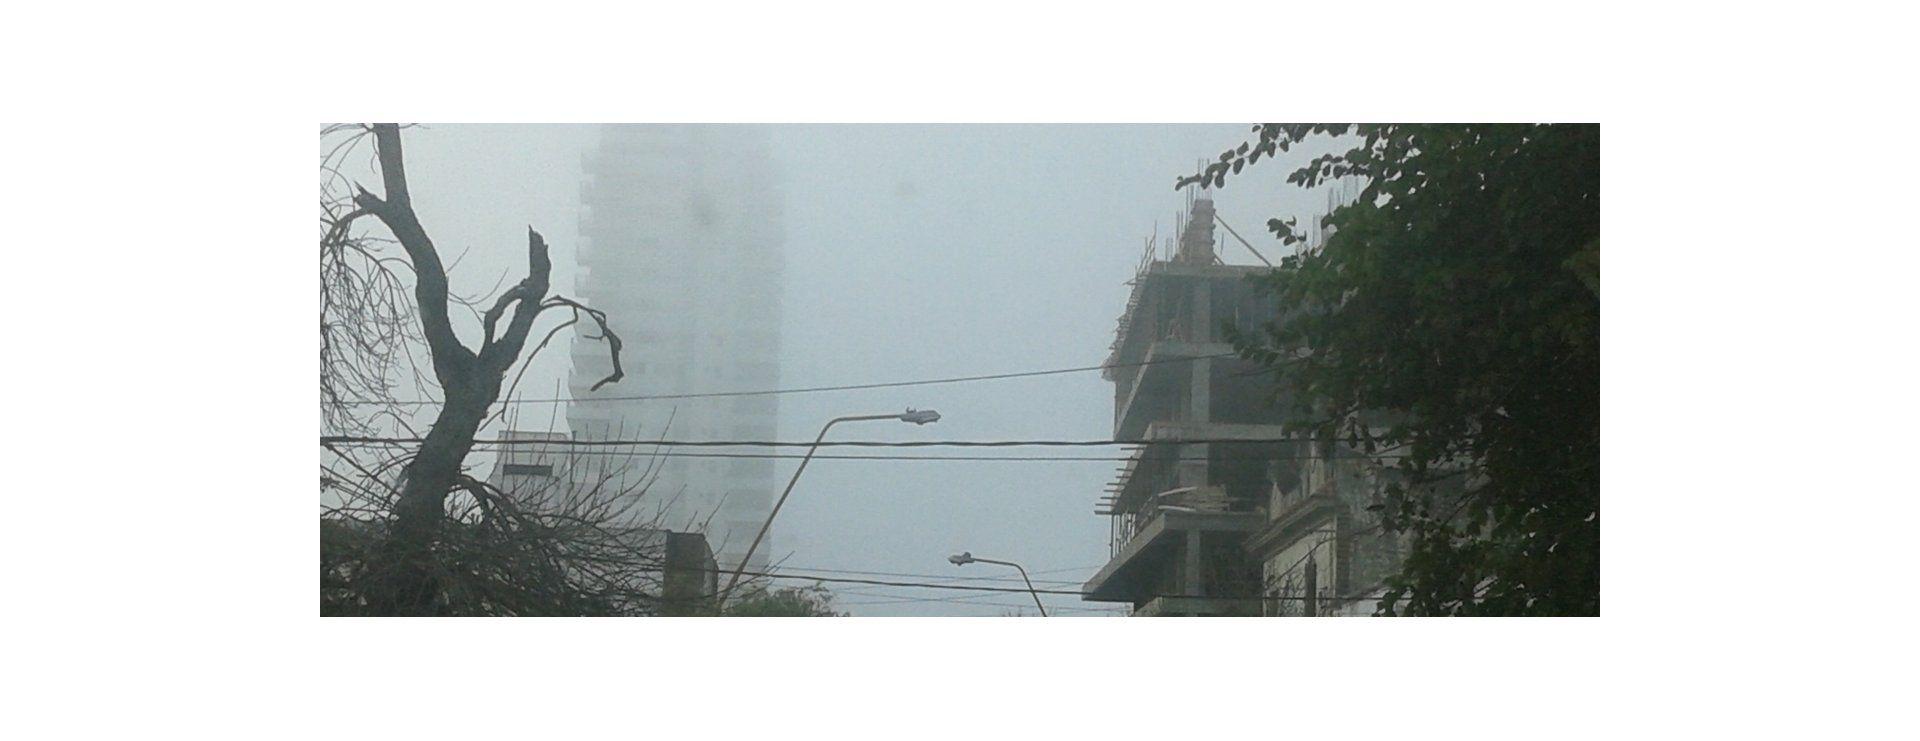 Santa Fe amaneció el miércoles y jueves con neblina